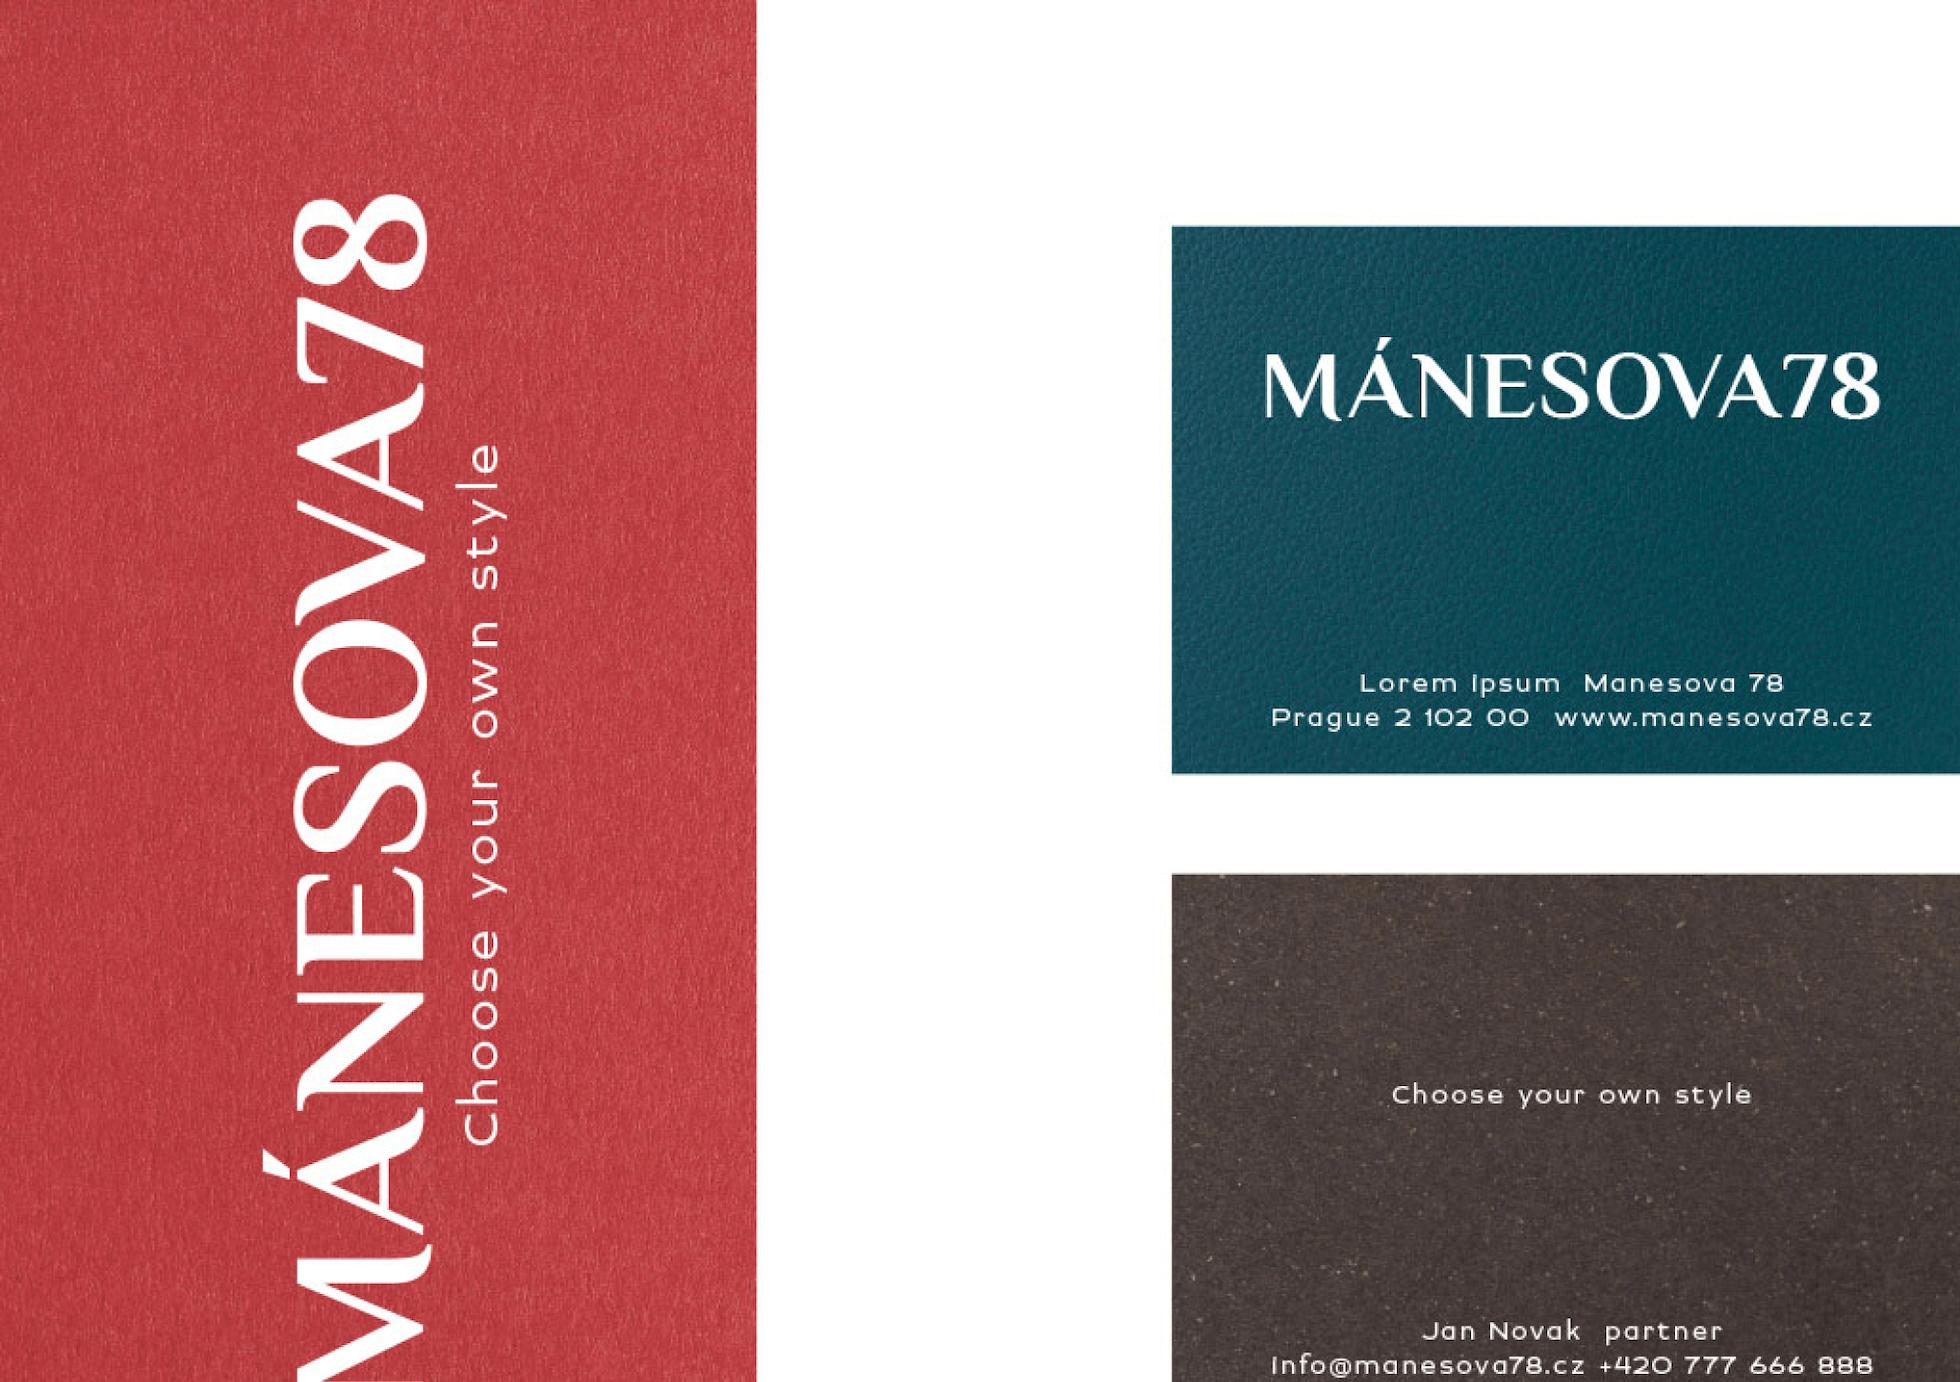 Manesova vizitky